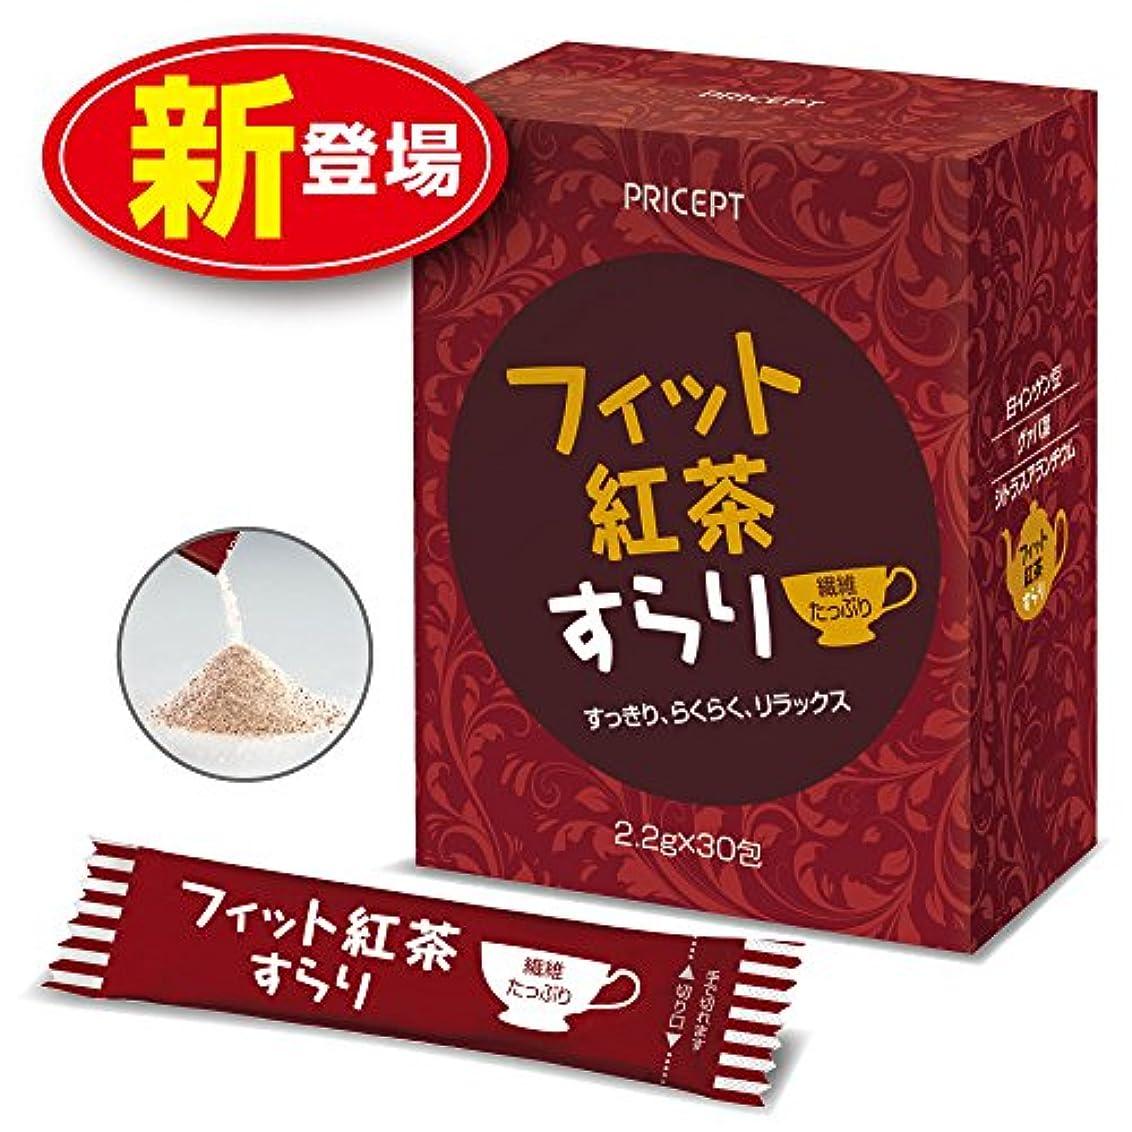 ホイップ加害者船外プリセプト フィット紅茶すらり(30包)【単品】(食物繊維配合ダイエットサポート紅茶)